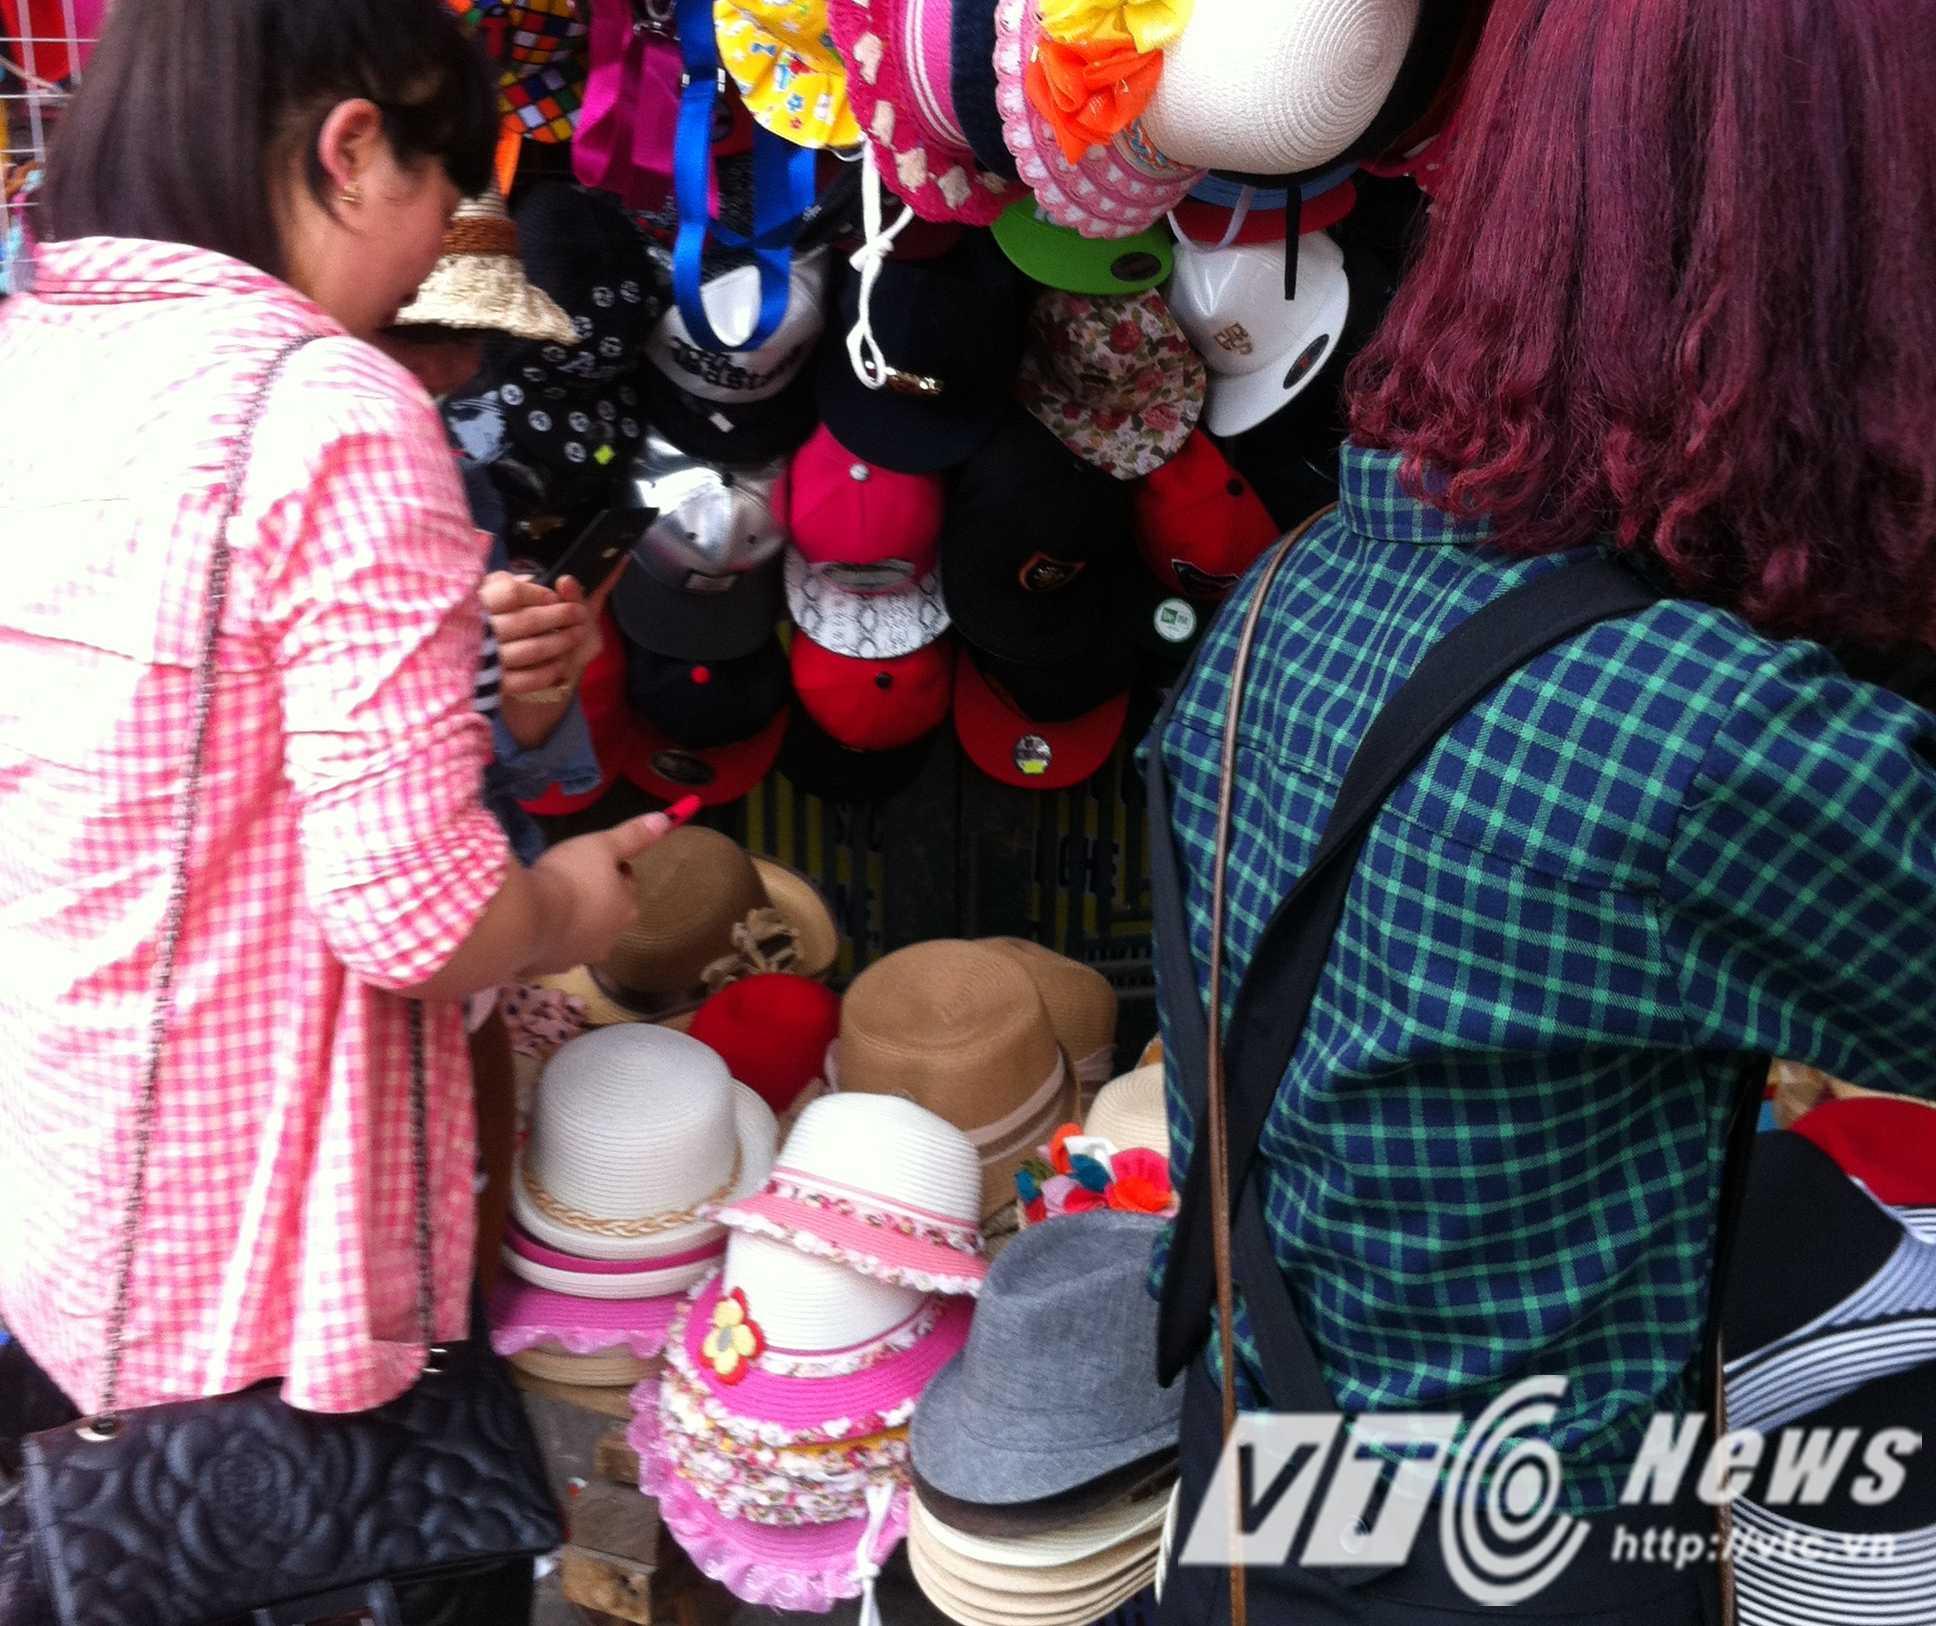 Các bạn sinh viên chủ yếu hay mua mũ và ô để che nắng vì phải đi bộ nhiều - Ảnh: Huyền Trân